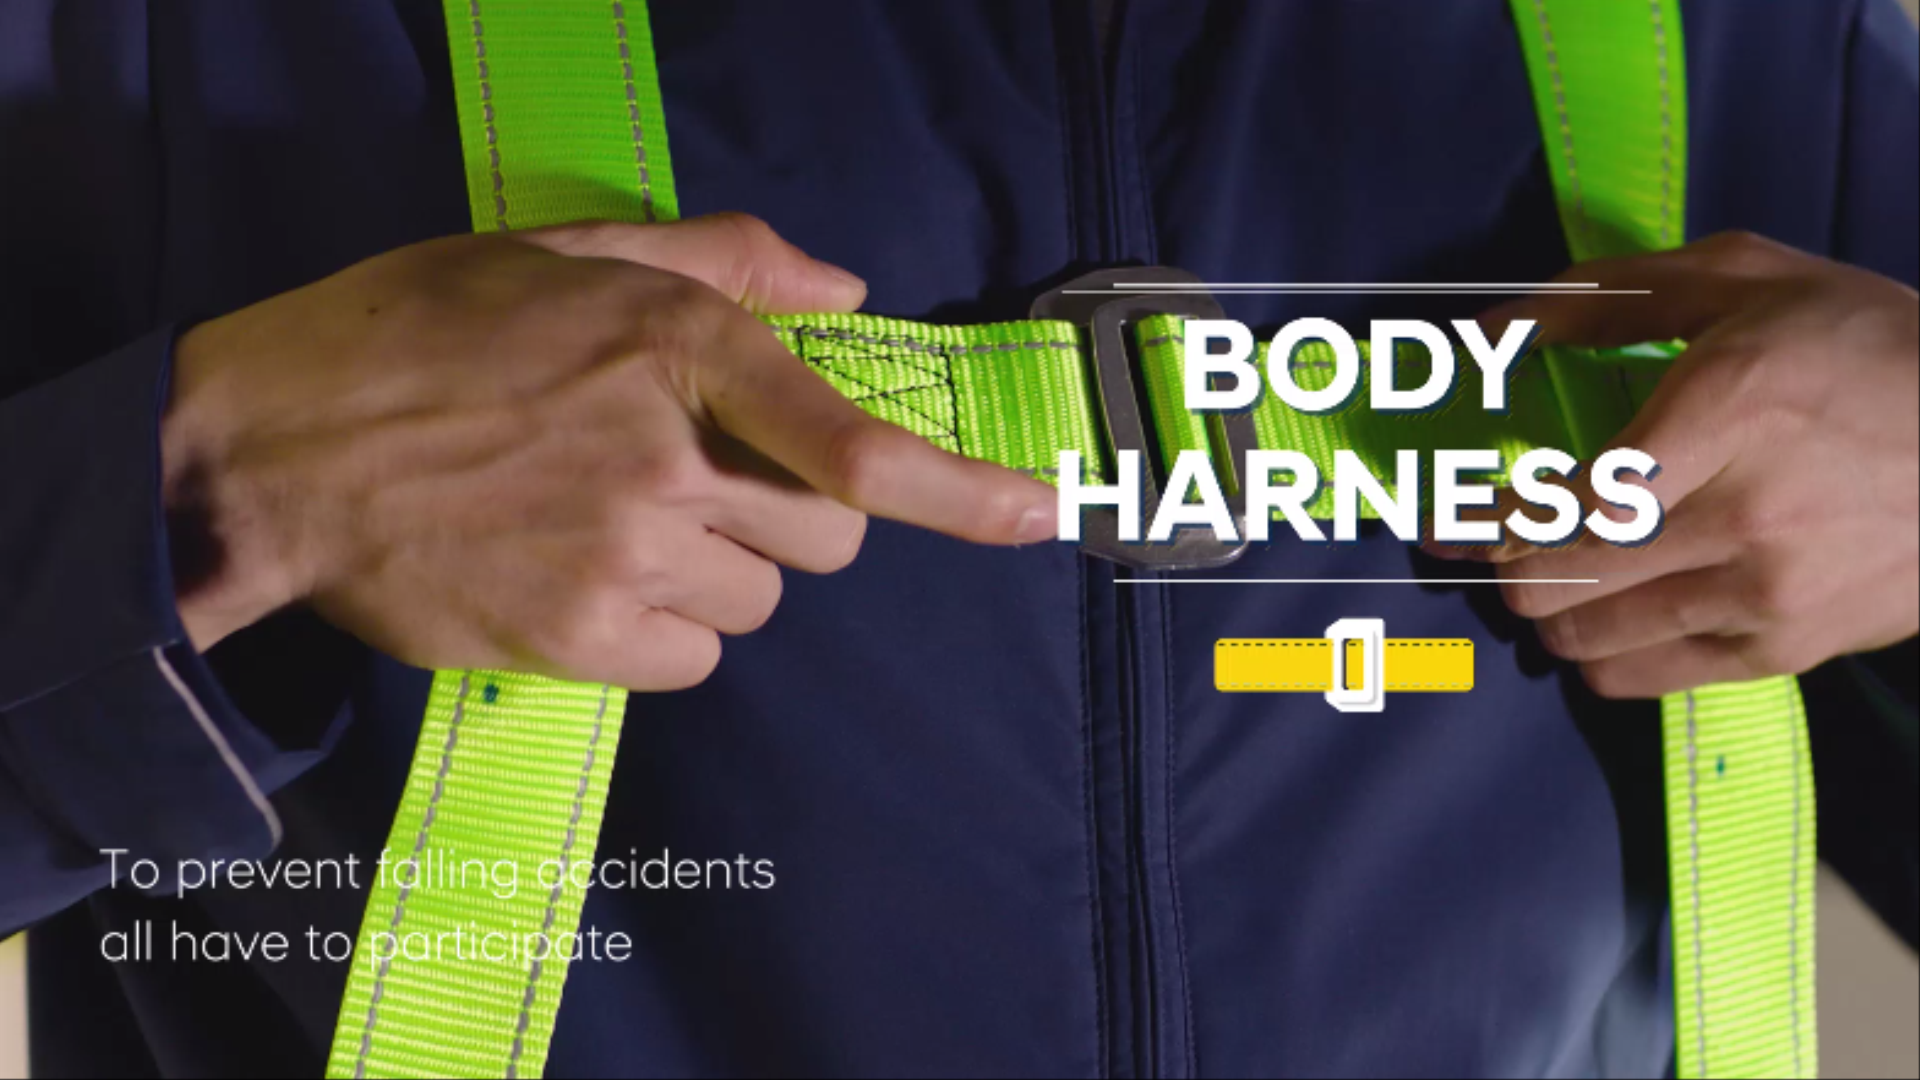 현대자동차 안전사고 예방